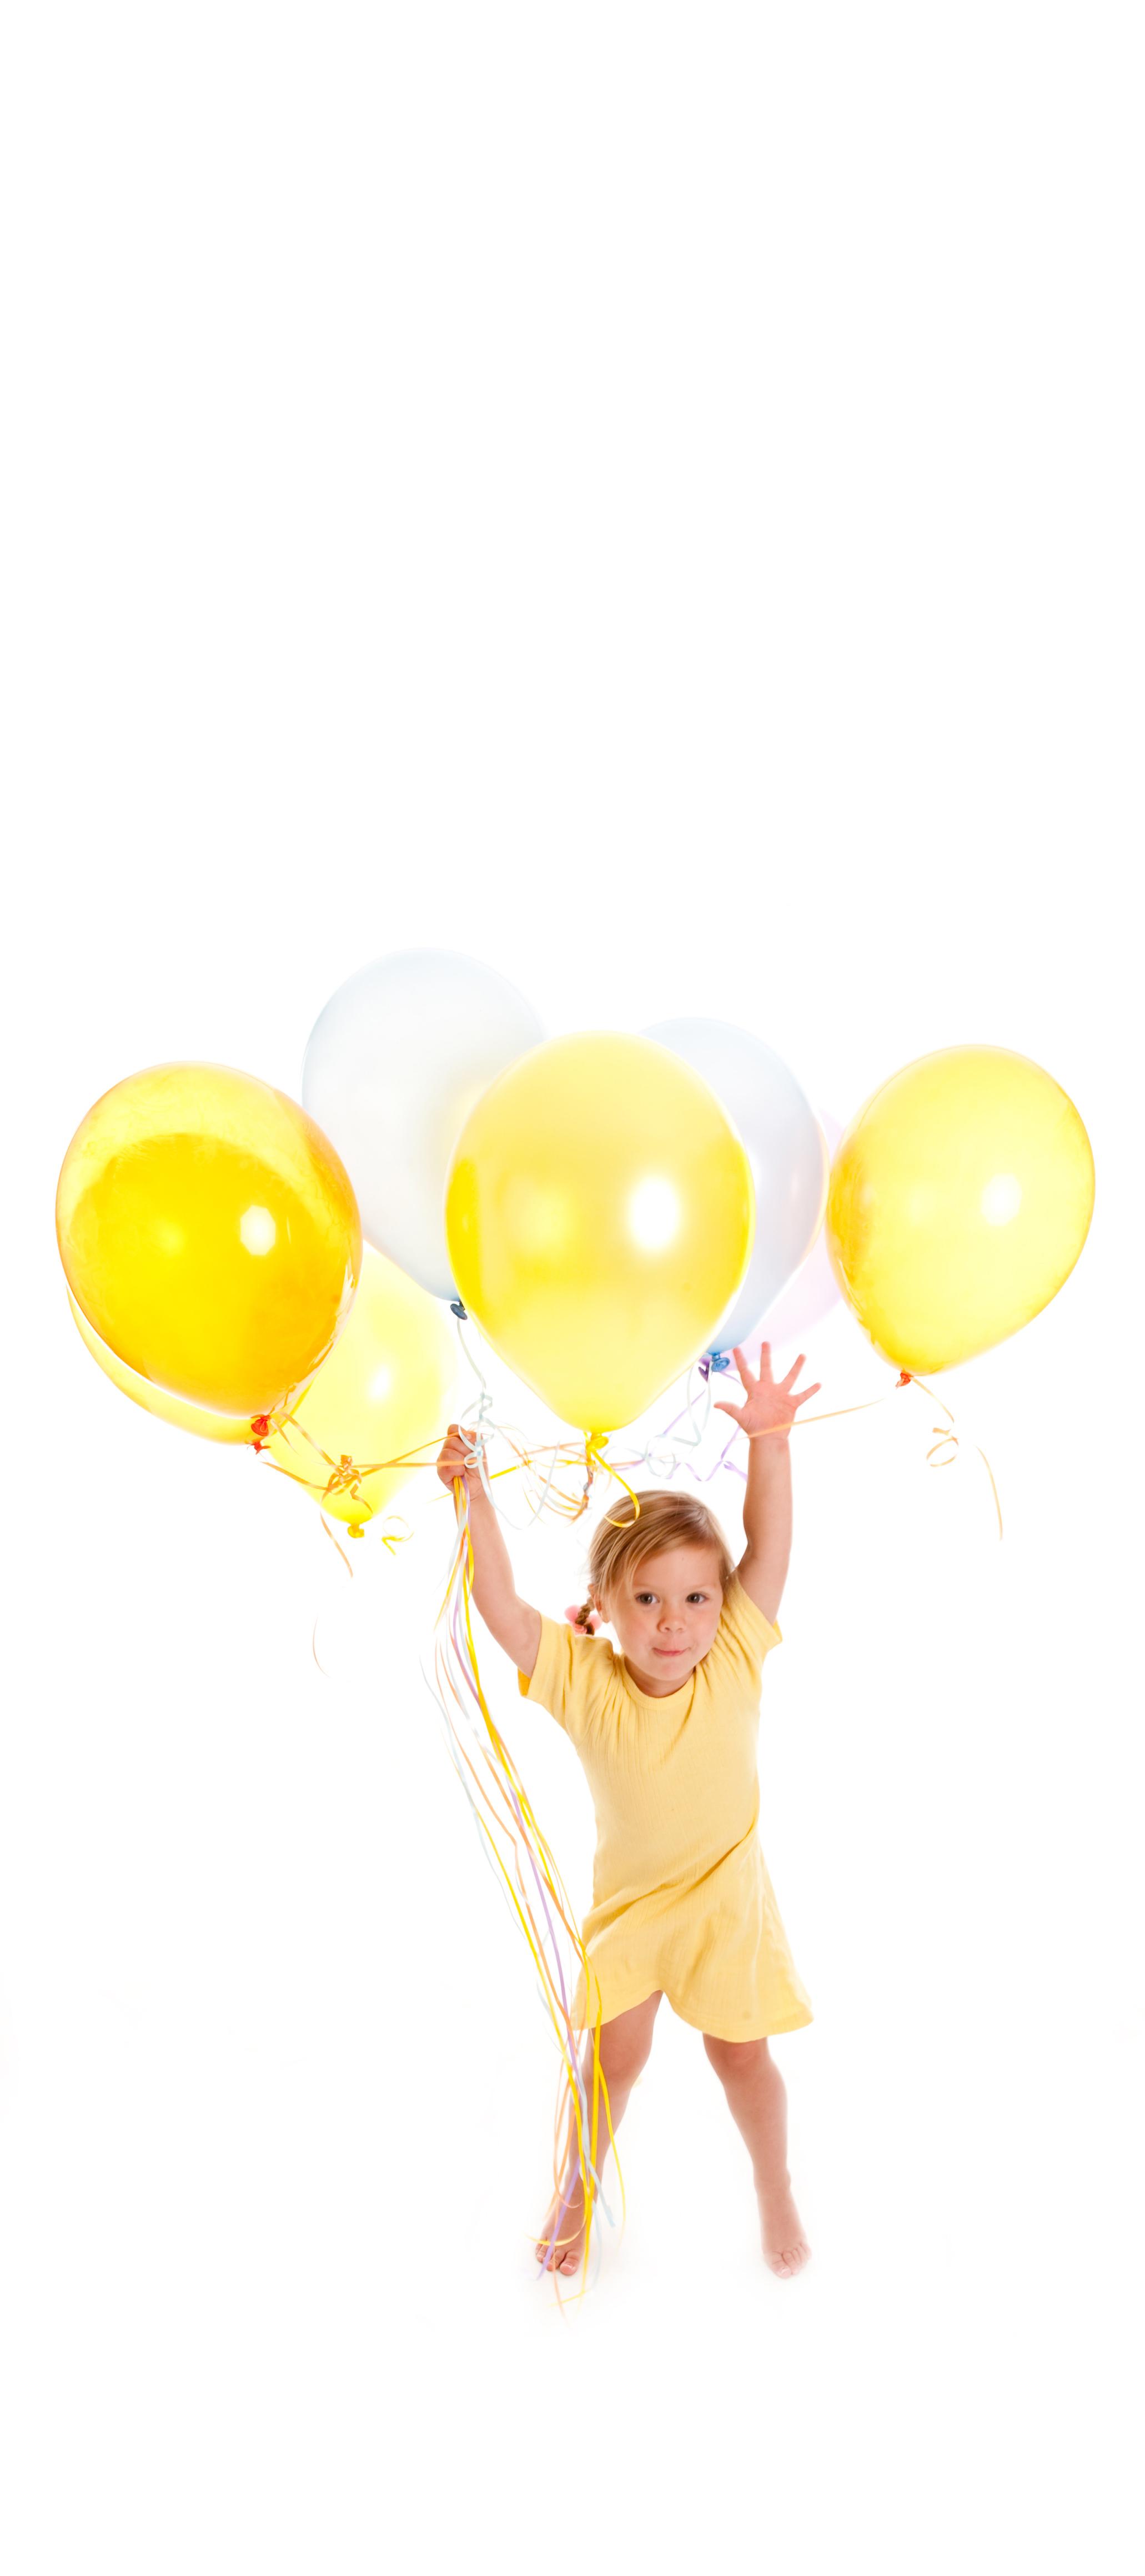 kossballoons2.jpg